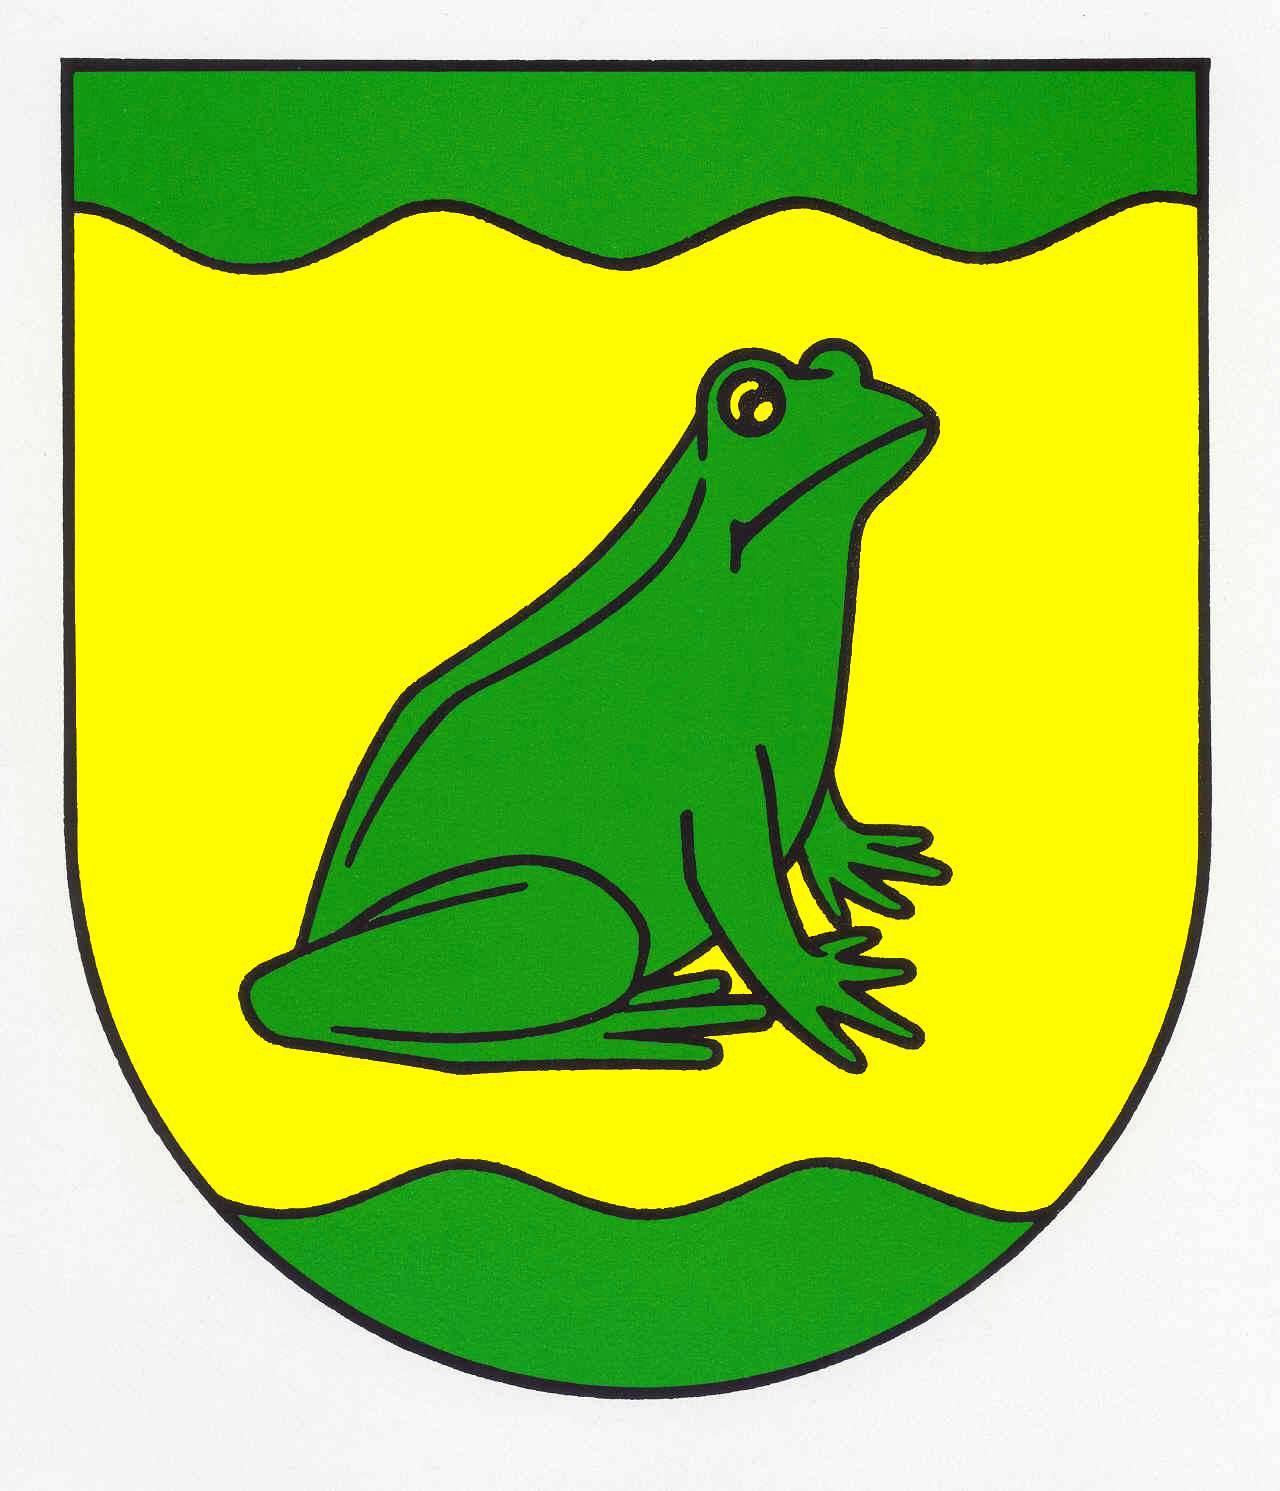 Wappen GemeindePoggensee, Kreis Herzogtum Lauenburg